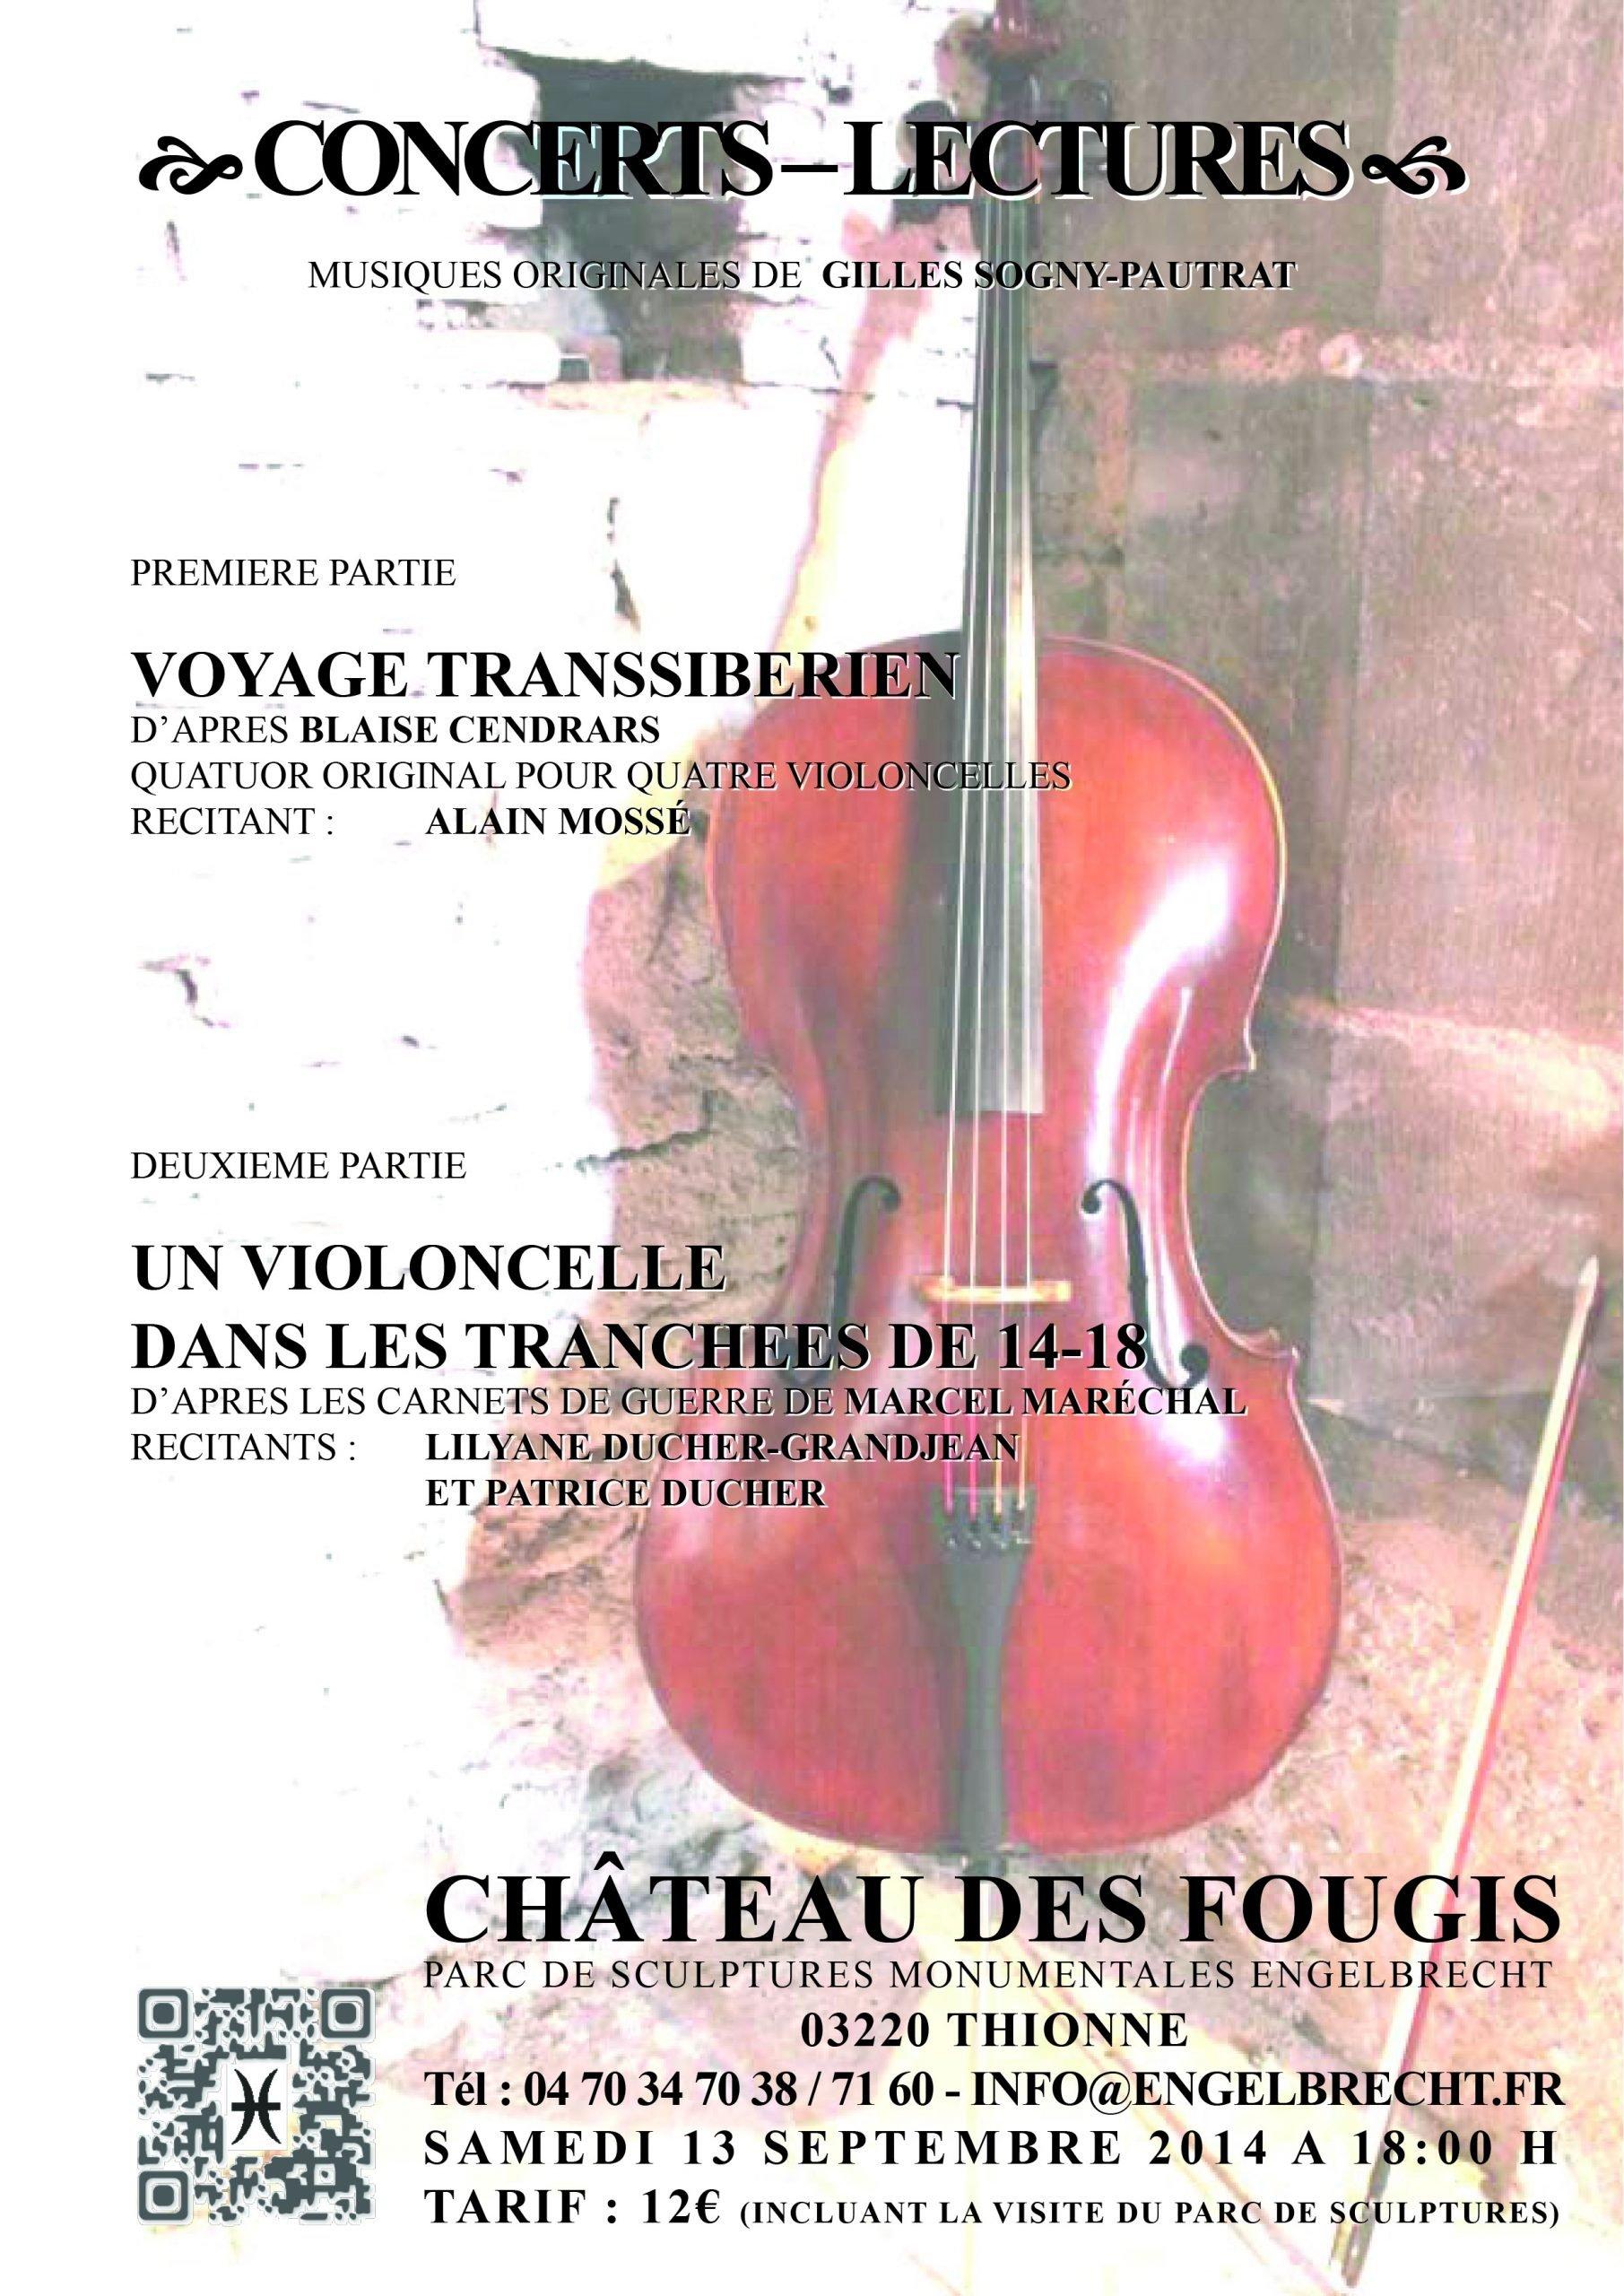 Concert-Lecture in chateau des Fougis